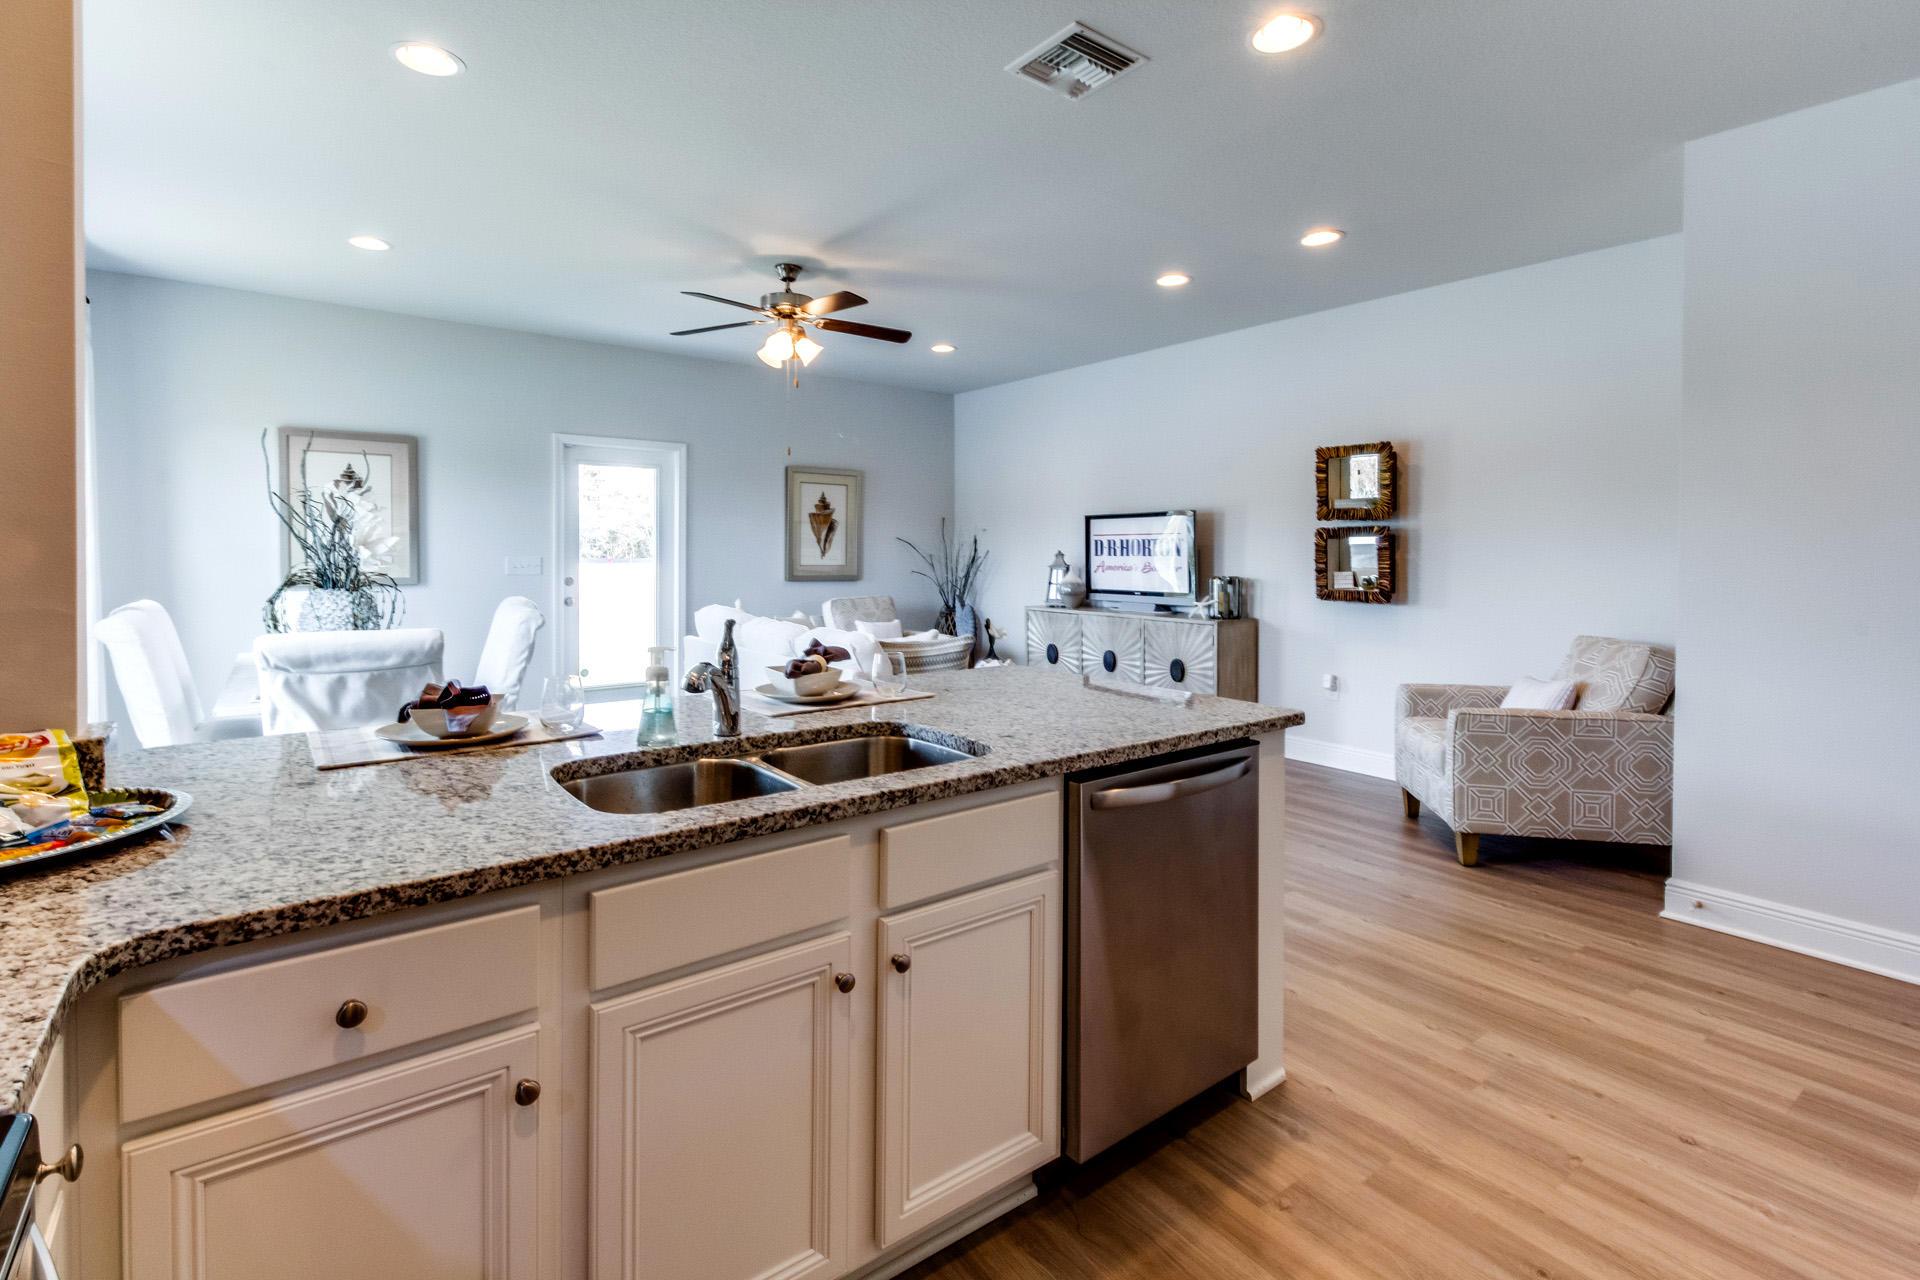 25 Crossing Lane,Santa Rosa Beach,Florida 32459,3 Bedrooms Bedrooms,2 BathroomsBathrooms,Attached single unit,Crossing Lane,20131126143817002353000000